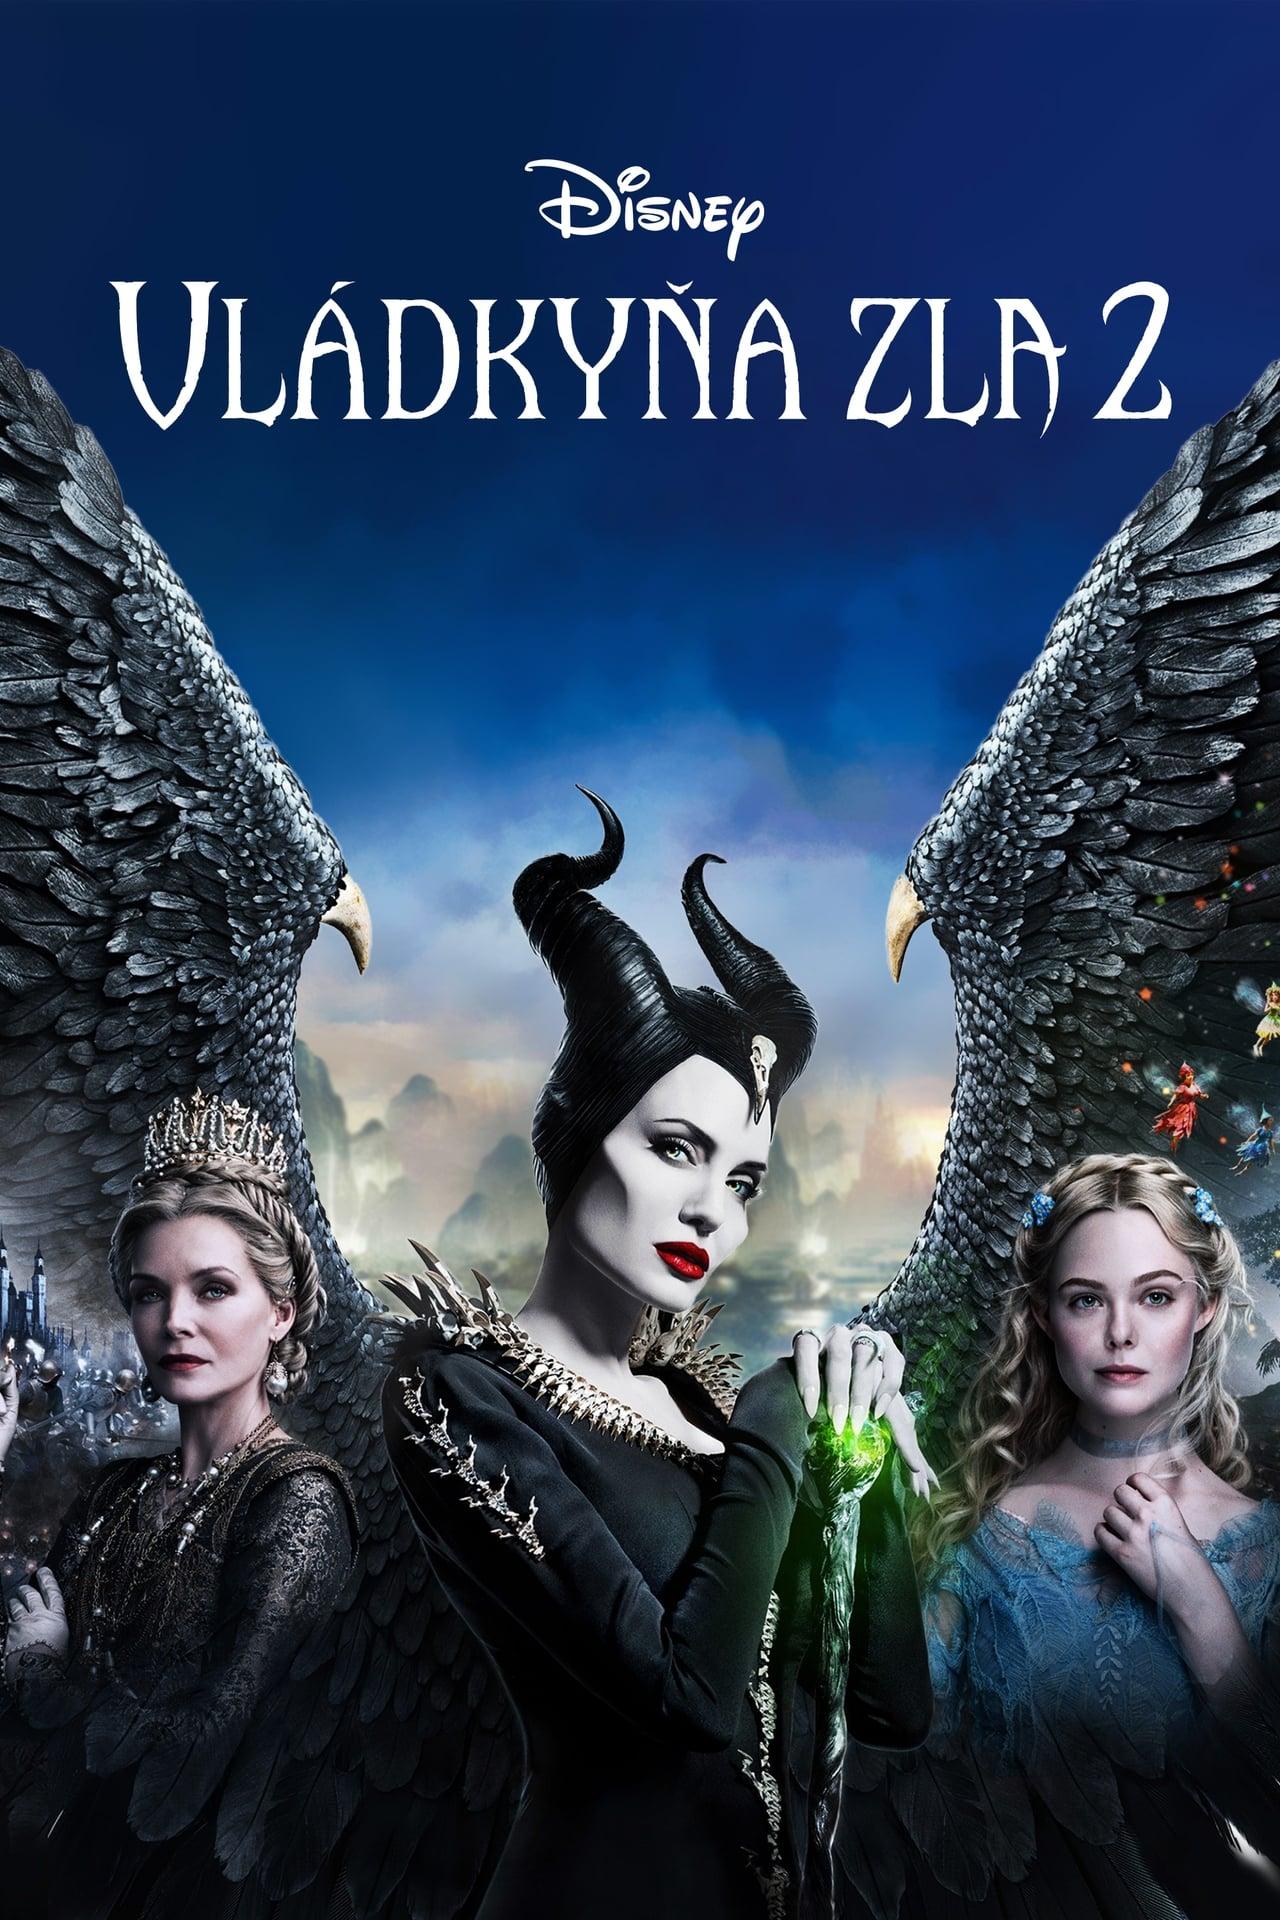 Full Movie Maleficent Mistress Of Evil 2019 Google Drive Free Hd Putlockers Watch Maleficent Mistress Of Evil 2019 Hd 1080p